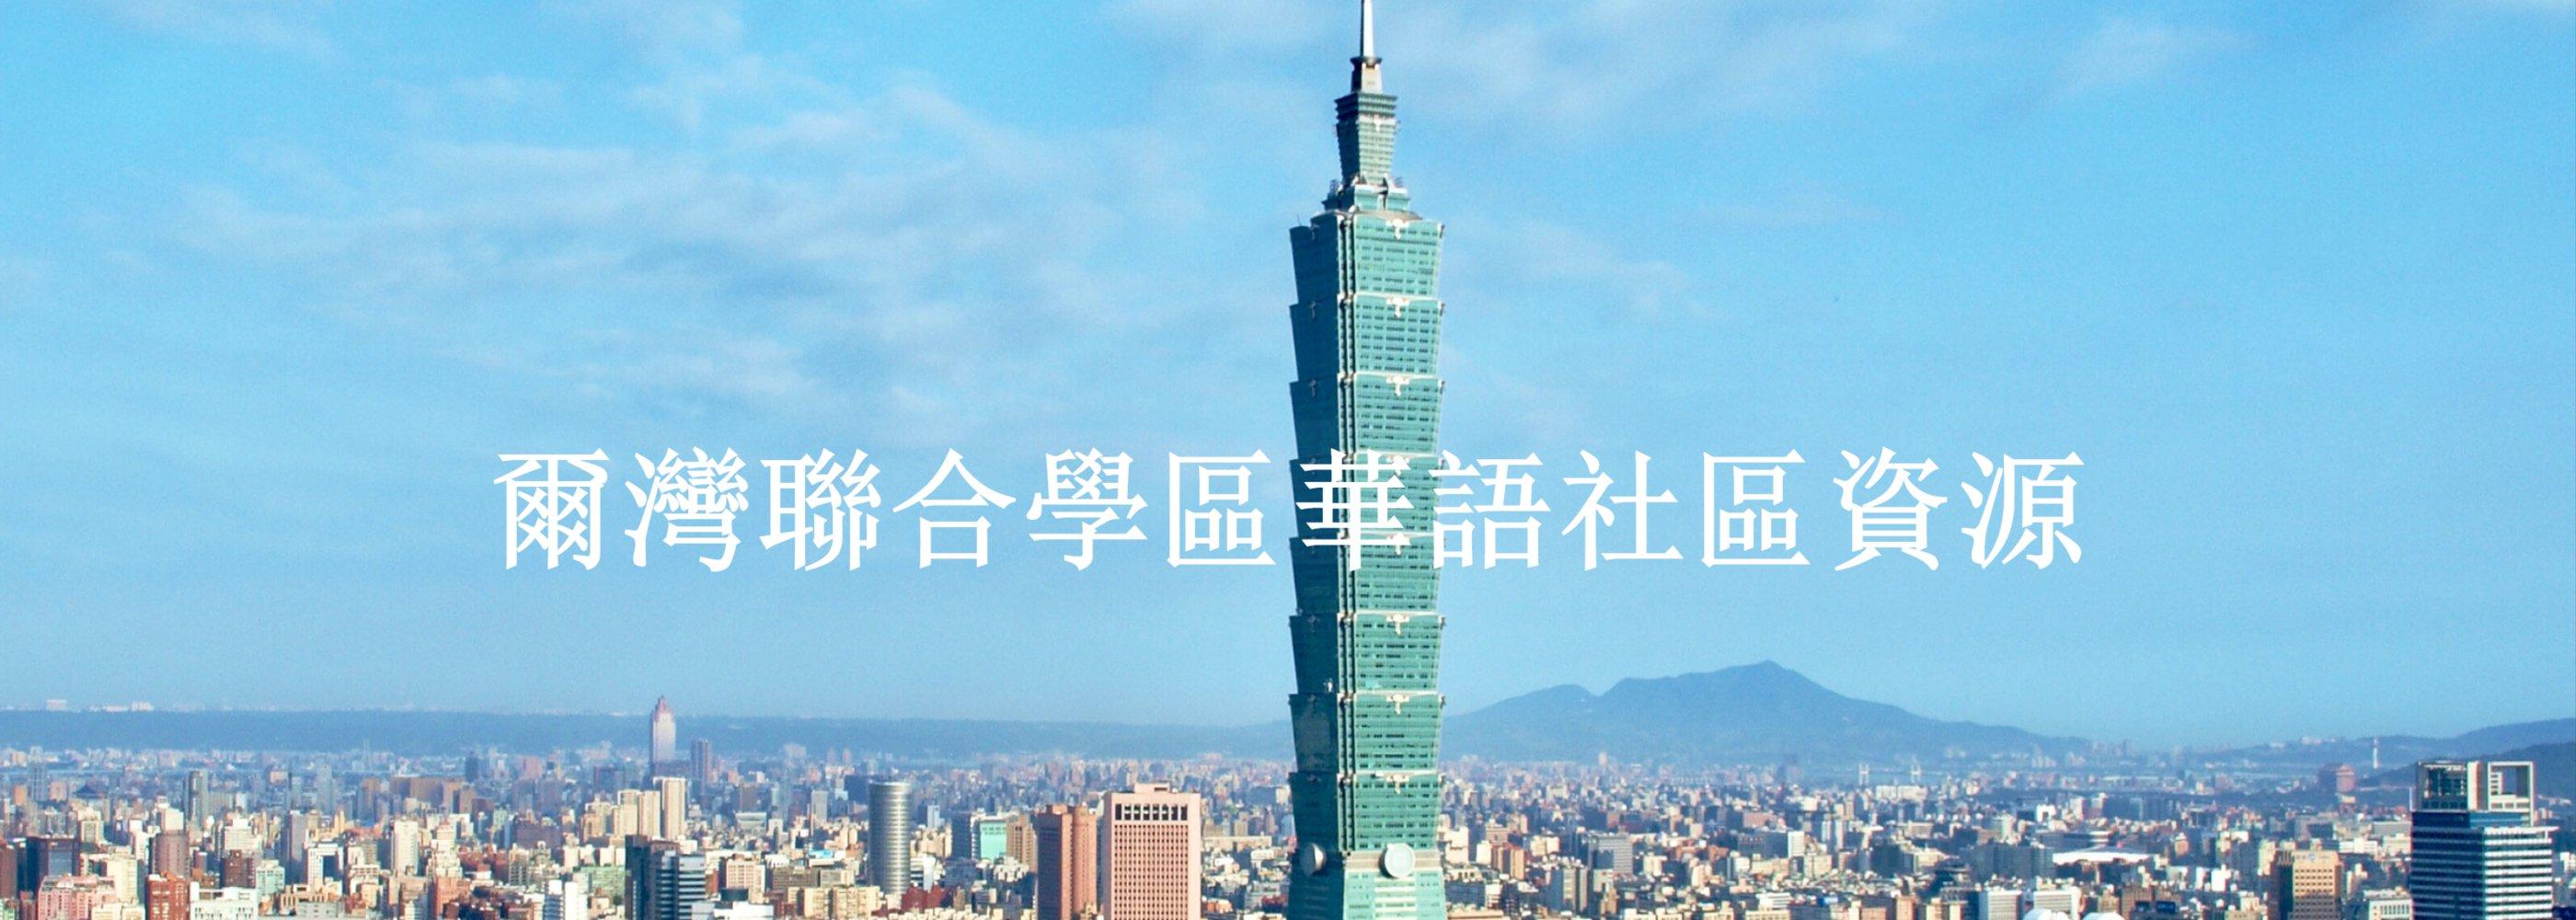 華語社區資源網頁